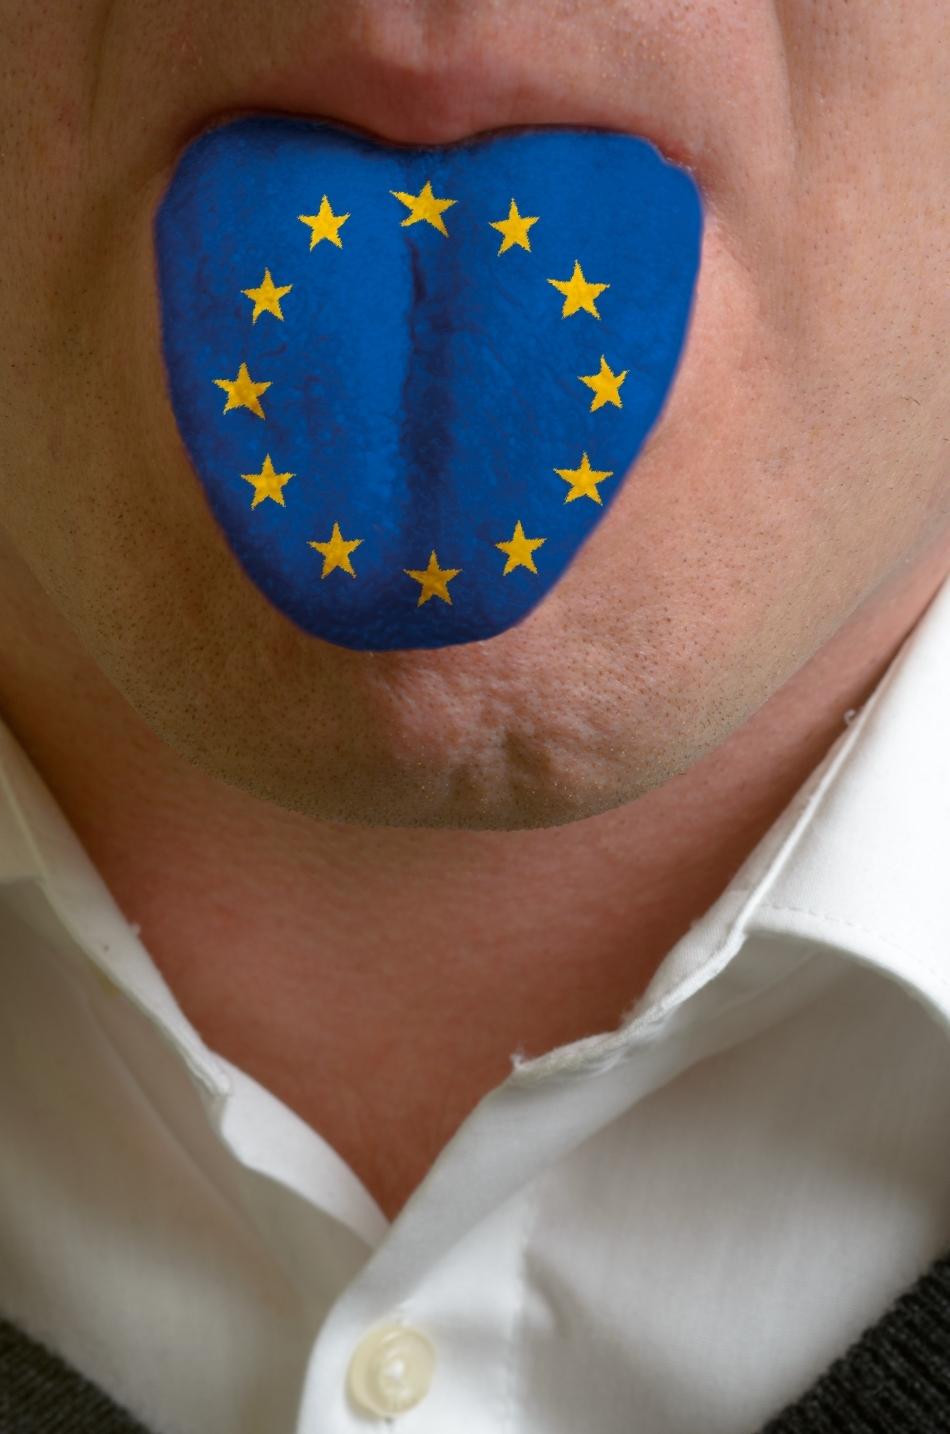 Limbile comnităţii europene